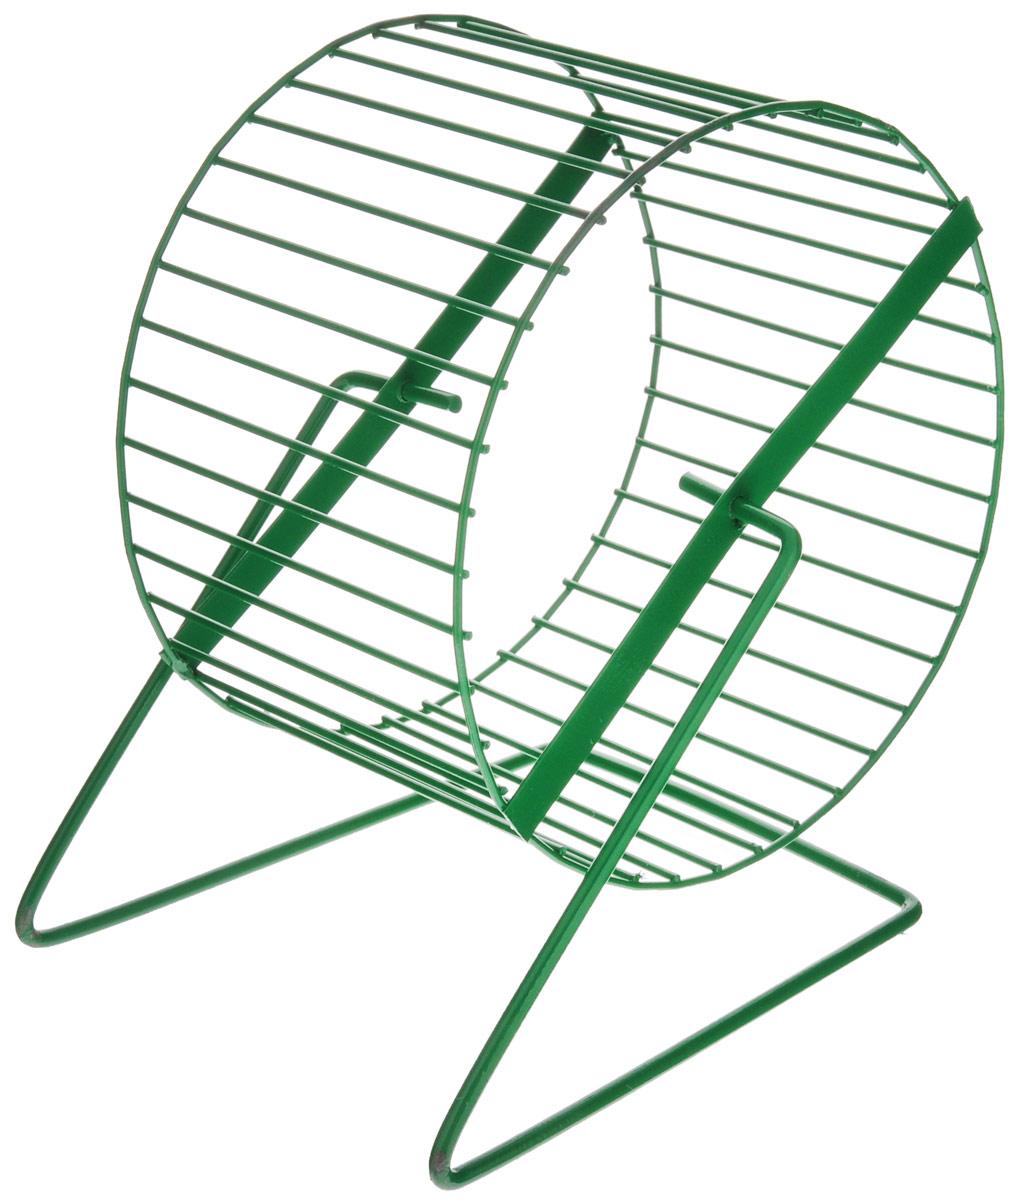 Колесо для грызунов ЗооМарк, цвет: зеленый, диаметр 16 смD -16Колесо для грызунов ЗооМарк, выполненное из прочного металла, очень удобное и бесшумное. Поместив его в клетку, вы обеспечите своему питомцу необходимую физическую активность. Предназначено для хомяков и мышей. Диаметр колеса: 16 см. Высота колеса: 18 см.